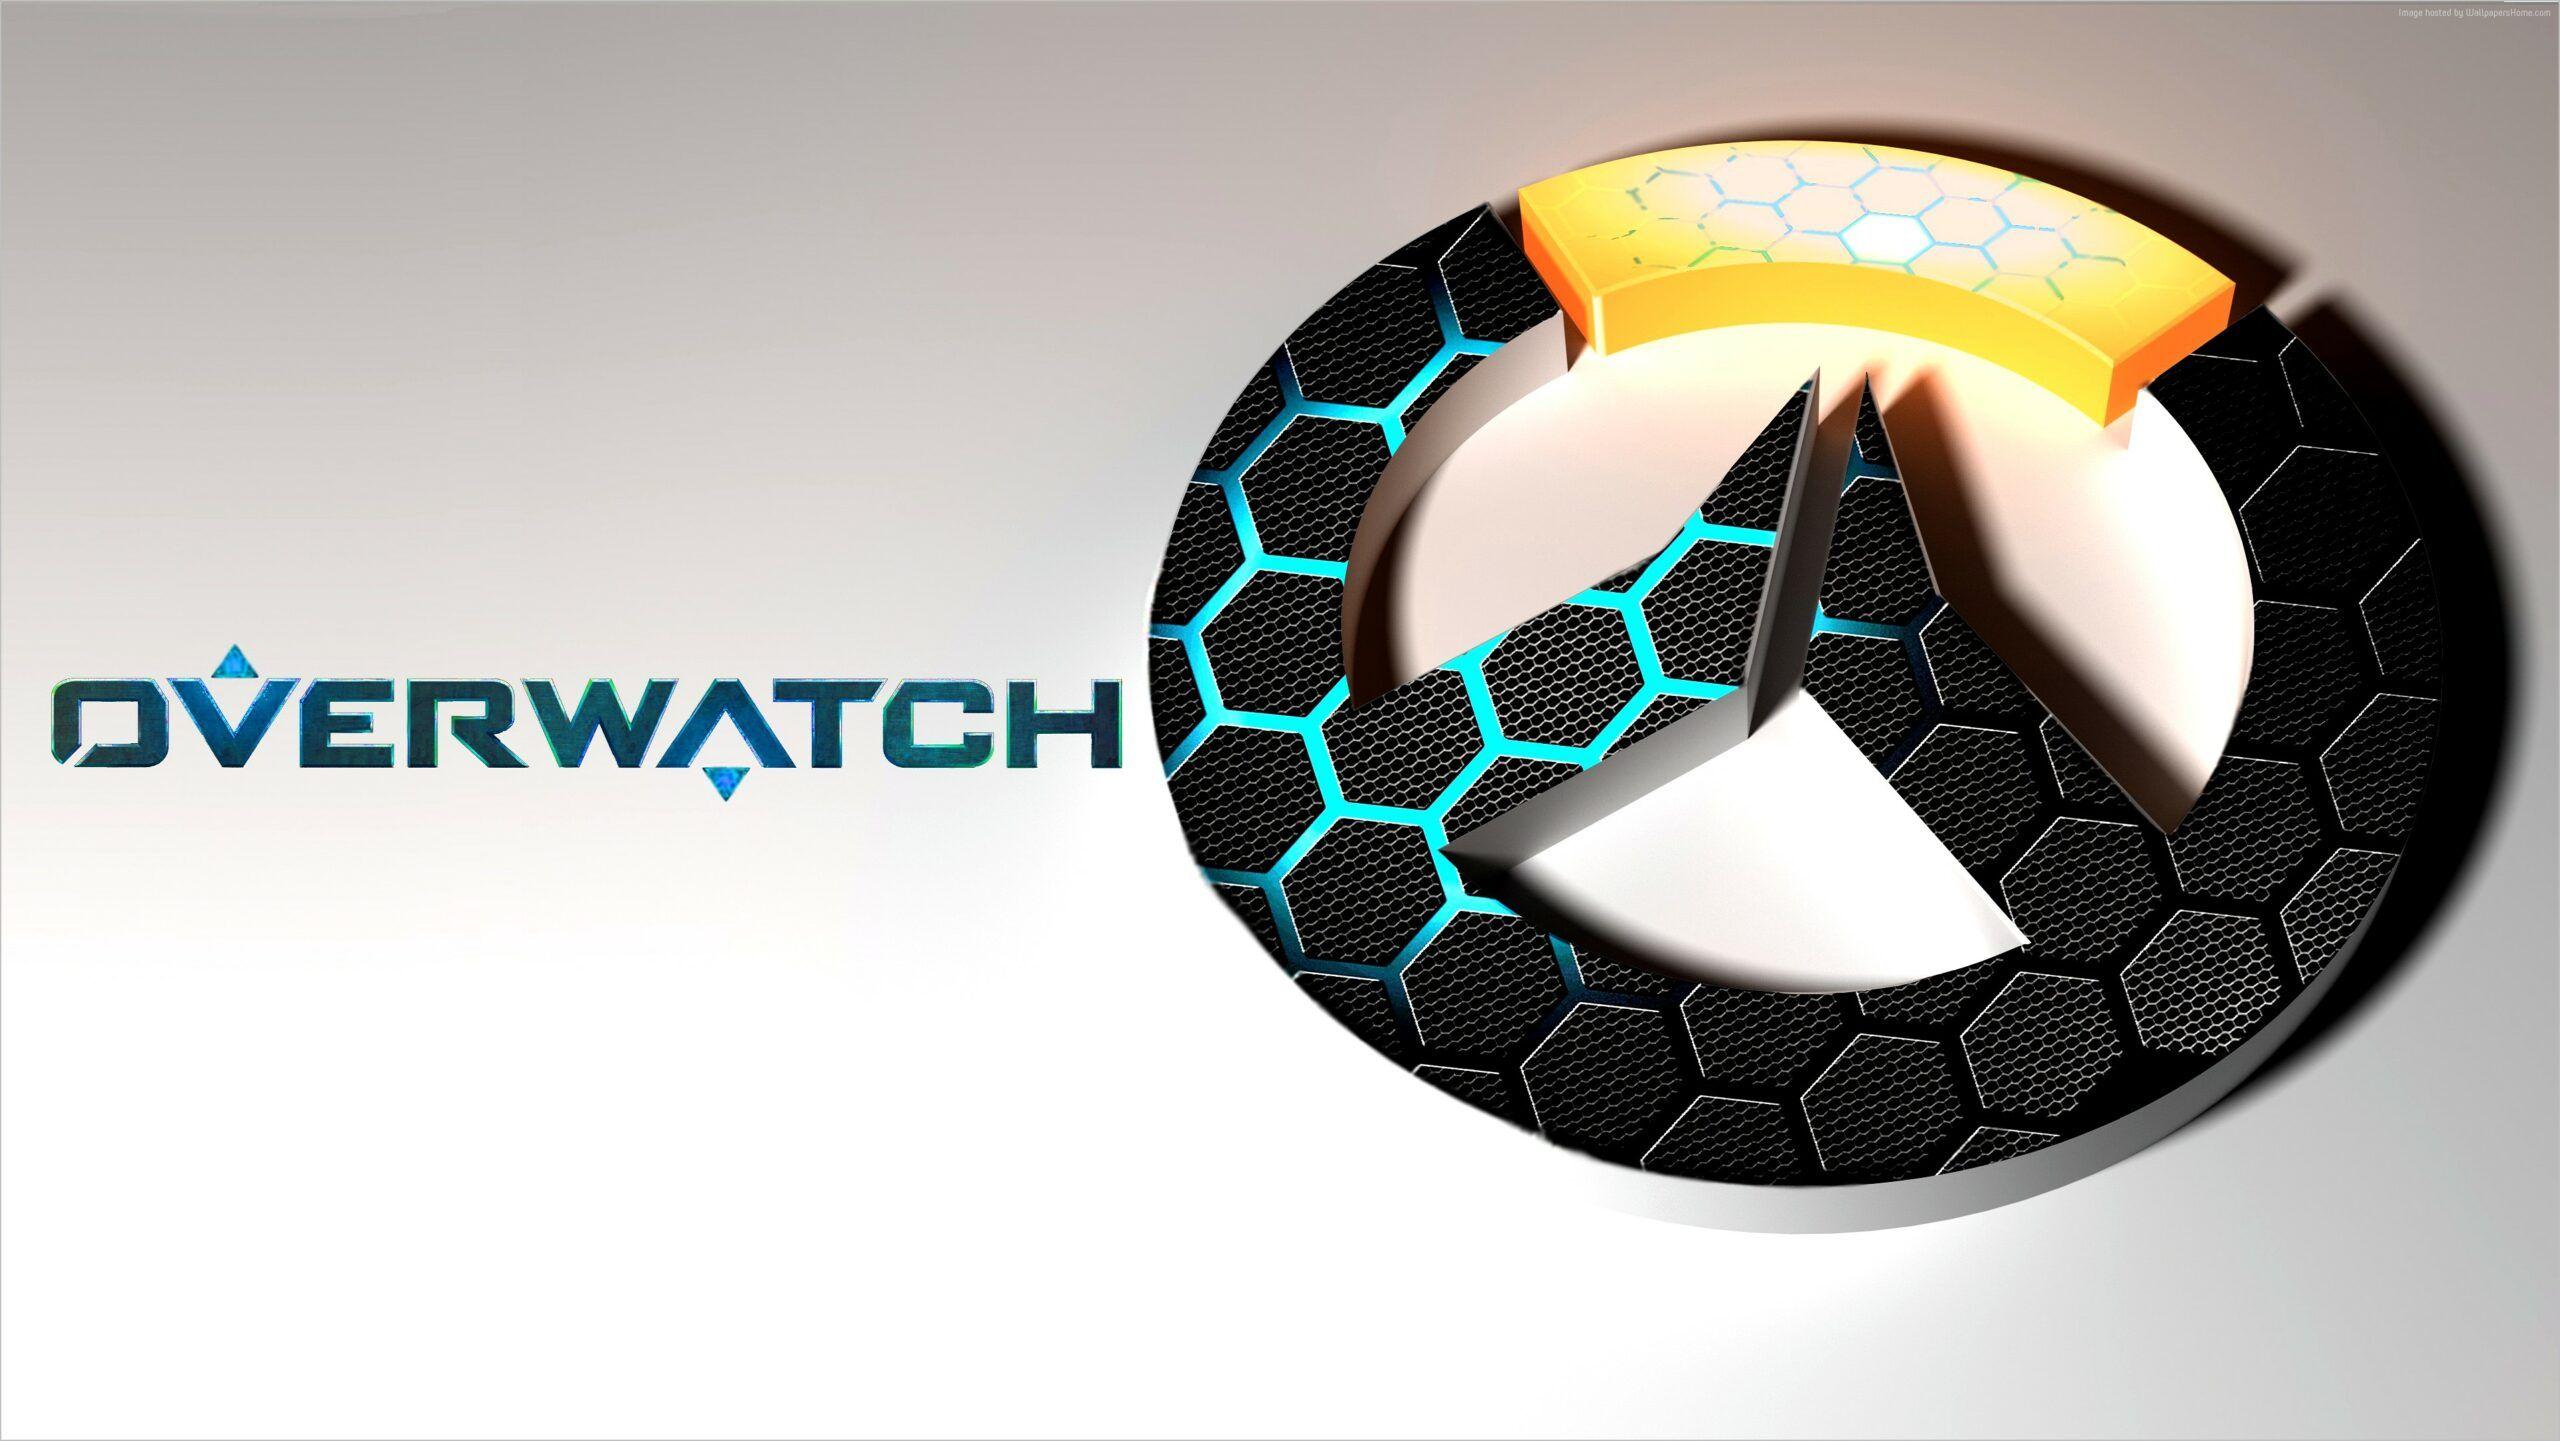 Overwatch Logo Wallpapers 4k Overwatch Overwatch Wallpapers Gaming Wallpapers